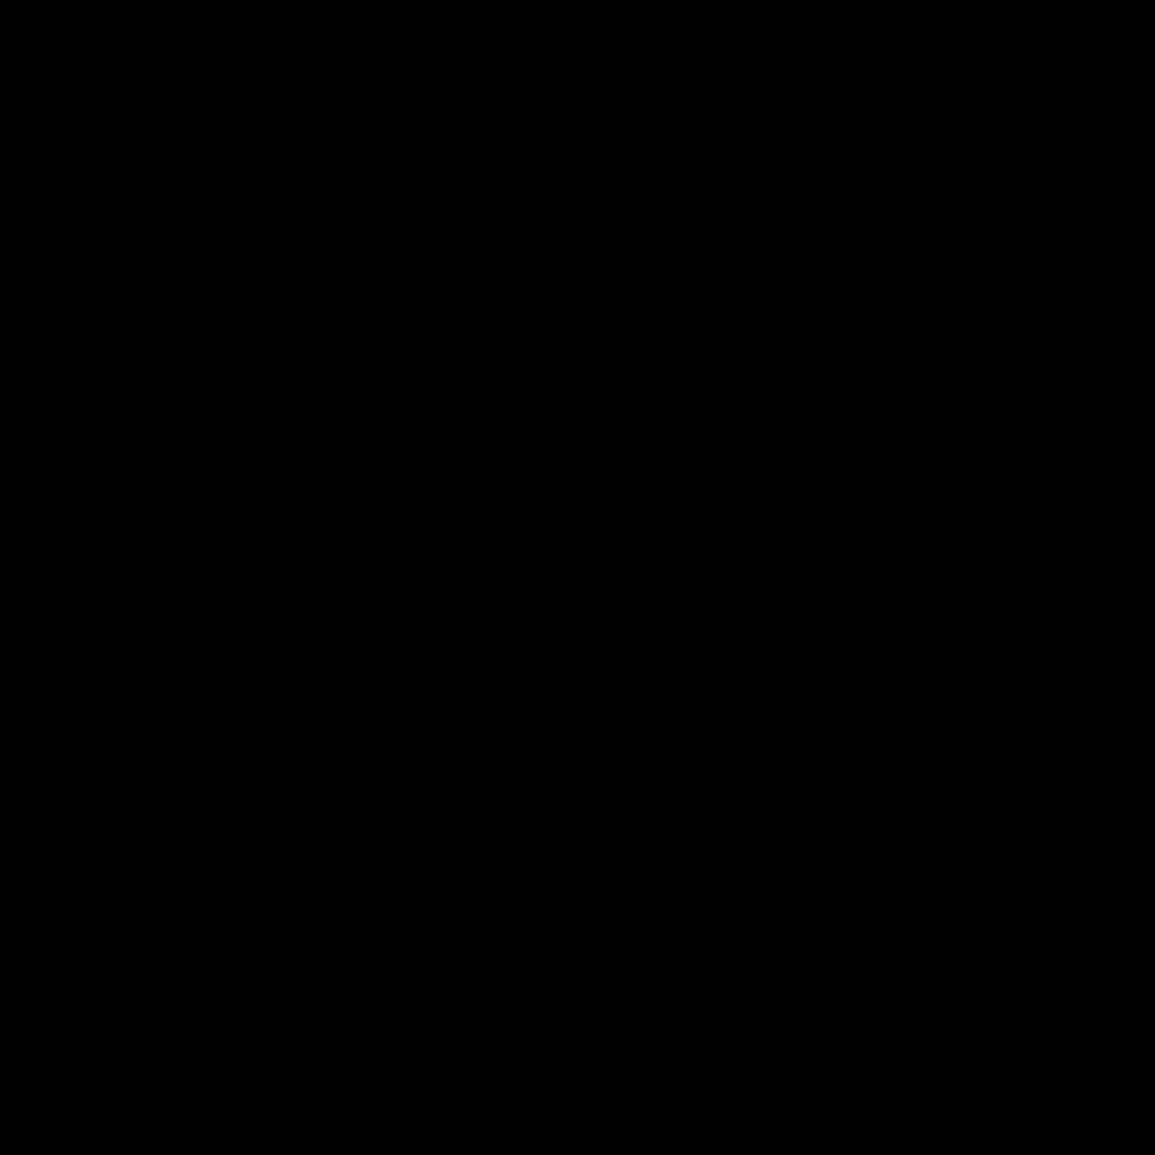 ファン蘭 E EFN 字形見本